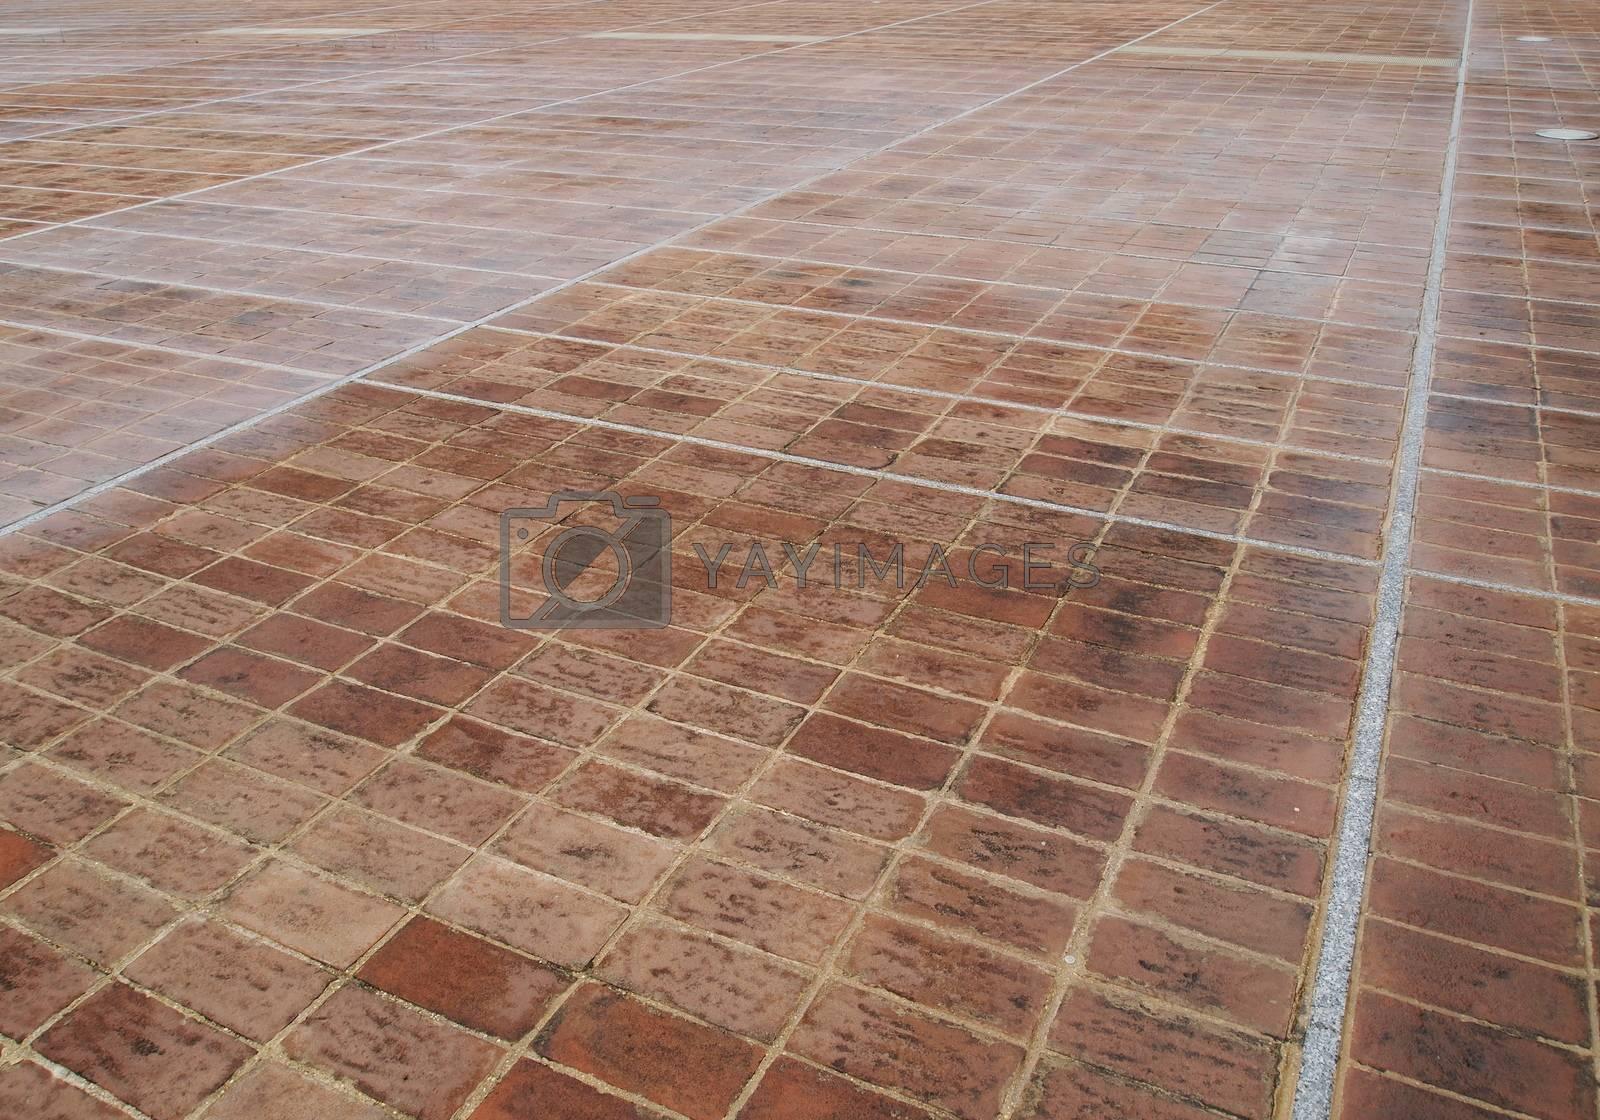 Royalty free image of Pavimento di cotto da usare come sfondo by orsinico